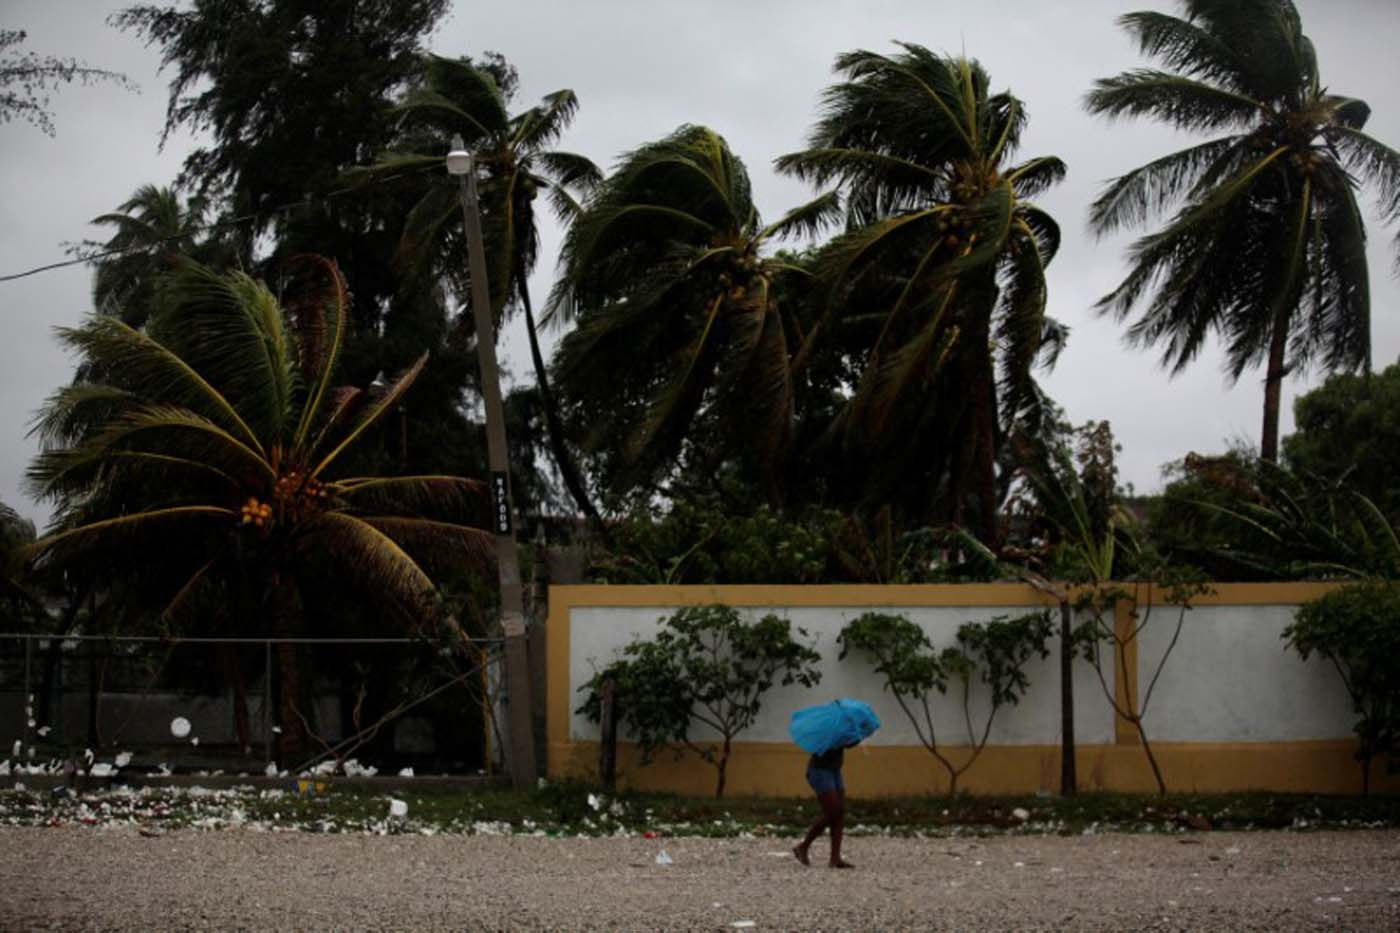 Una mujer se cubre de la lluvia provocada por la llegada del Huracán Matthew, en Les Cayes, Haití. 3 de octubre de 2016. Los haitianos que viven en chozas vulnerables frente al mar buscaban refugio en momentos en que el huracán Matthew, la tormenta caribeña más fuerte en nueve años, se acercaba al país y causaba mareas de tormenta, viento y lluvia en la costa. REUTERS/Andres Martinez Casares